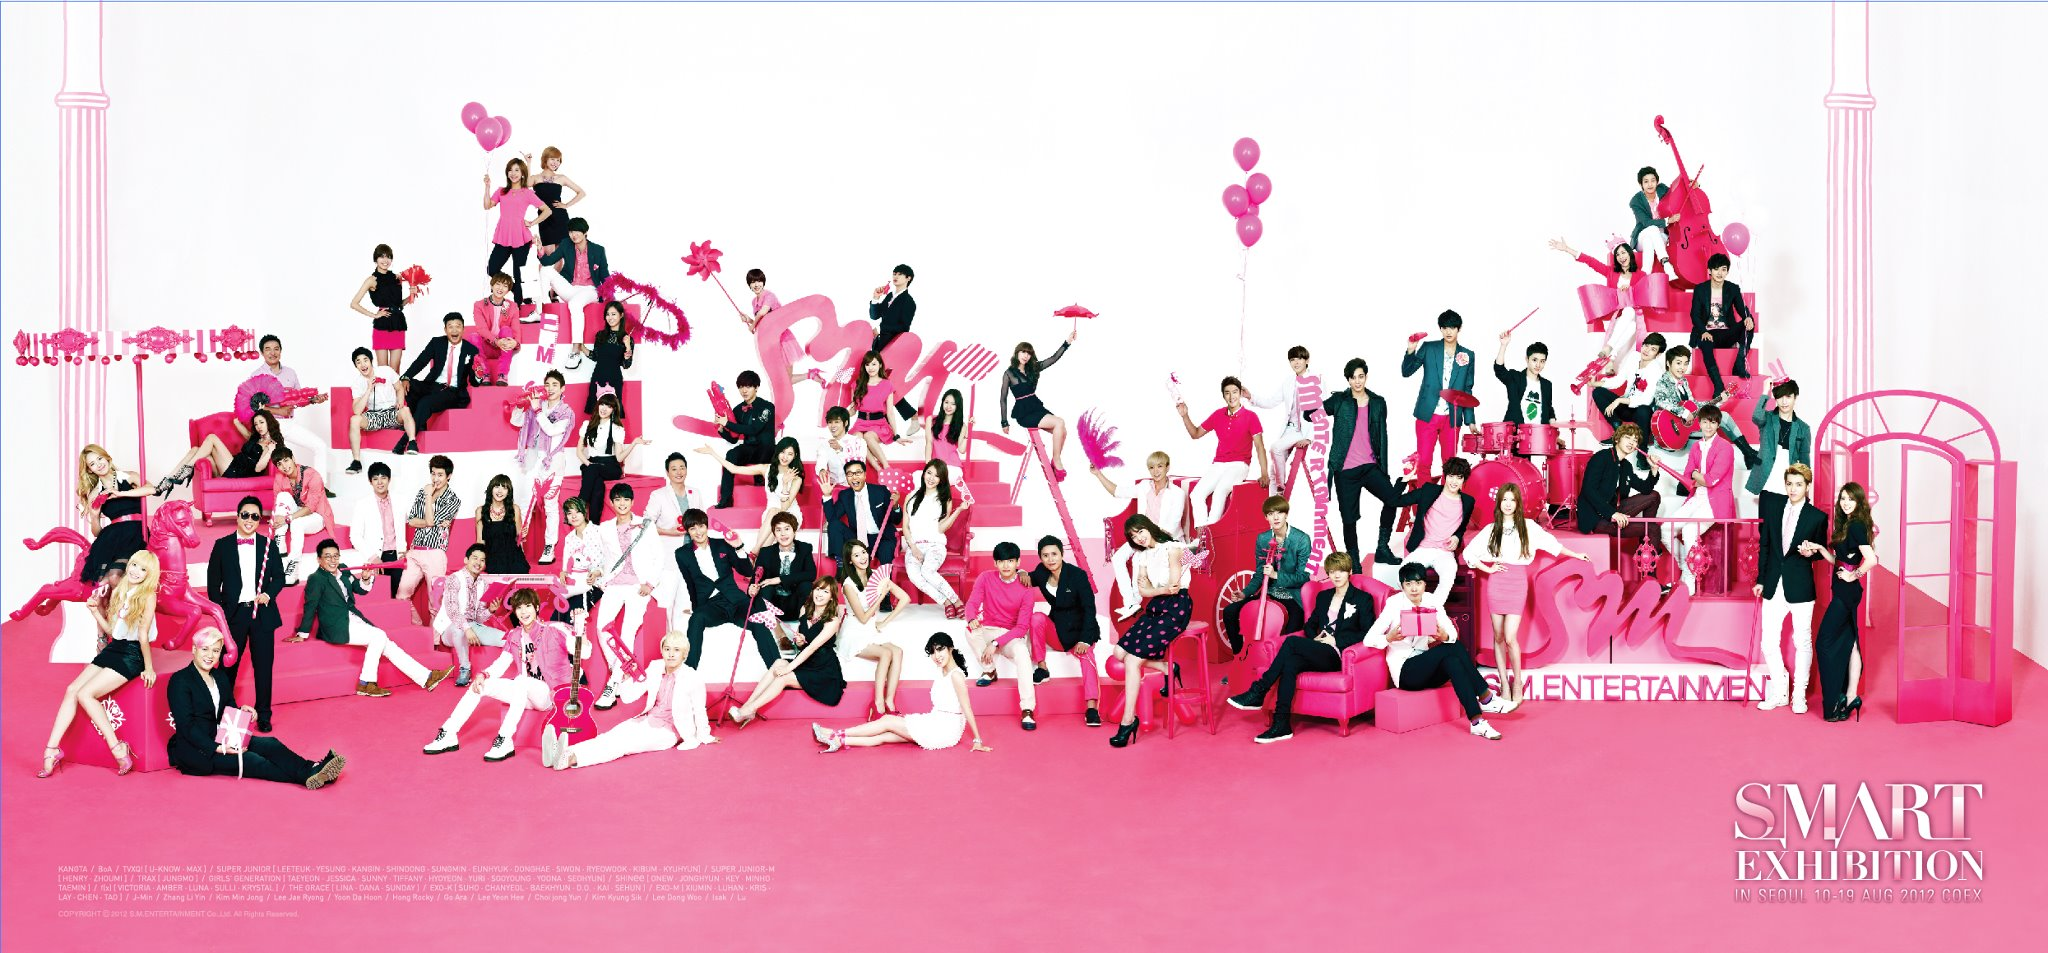 就是最美女團前四名有三個名額都是SM公司的XD雖然有很多韓國網友們都表示認同,也說這是實至名歸~不過也有其他女團的粉絲們都出來說這基準在哪?